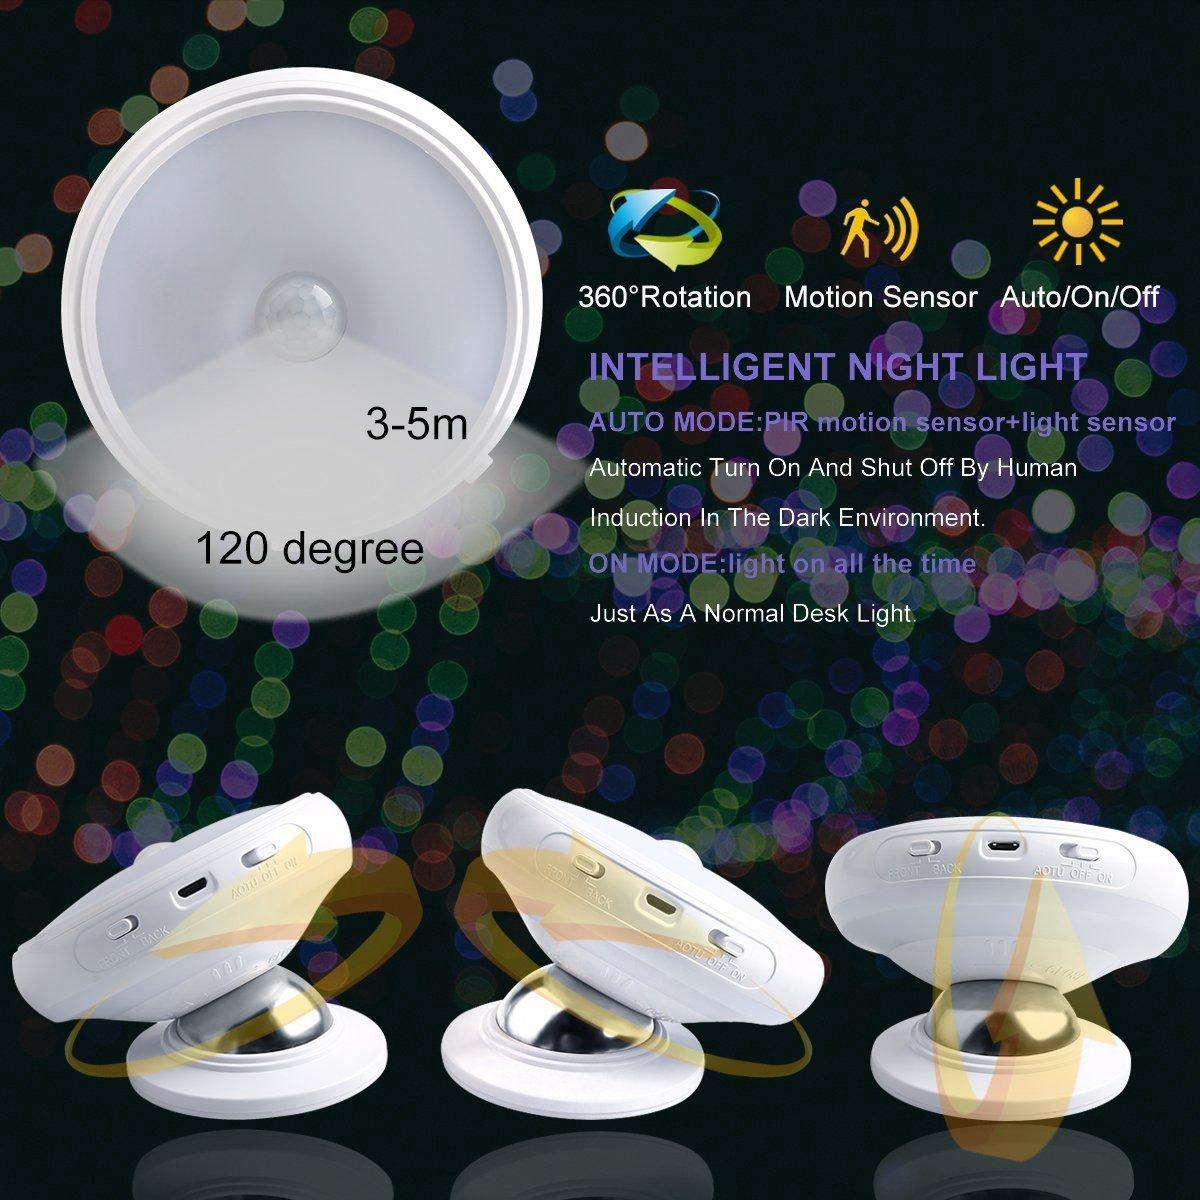 TOOGOO Luz de noche de sensor de movimiento, Base de iman desmontable, USB recargable LED, Induccion del cuerpo humano Luz de noche de rotacion de 360 ...